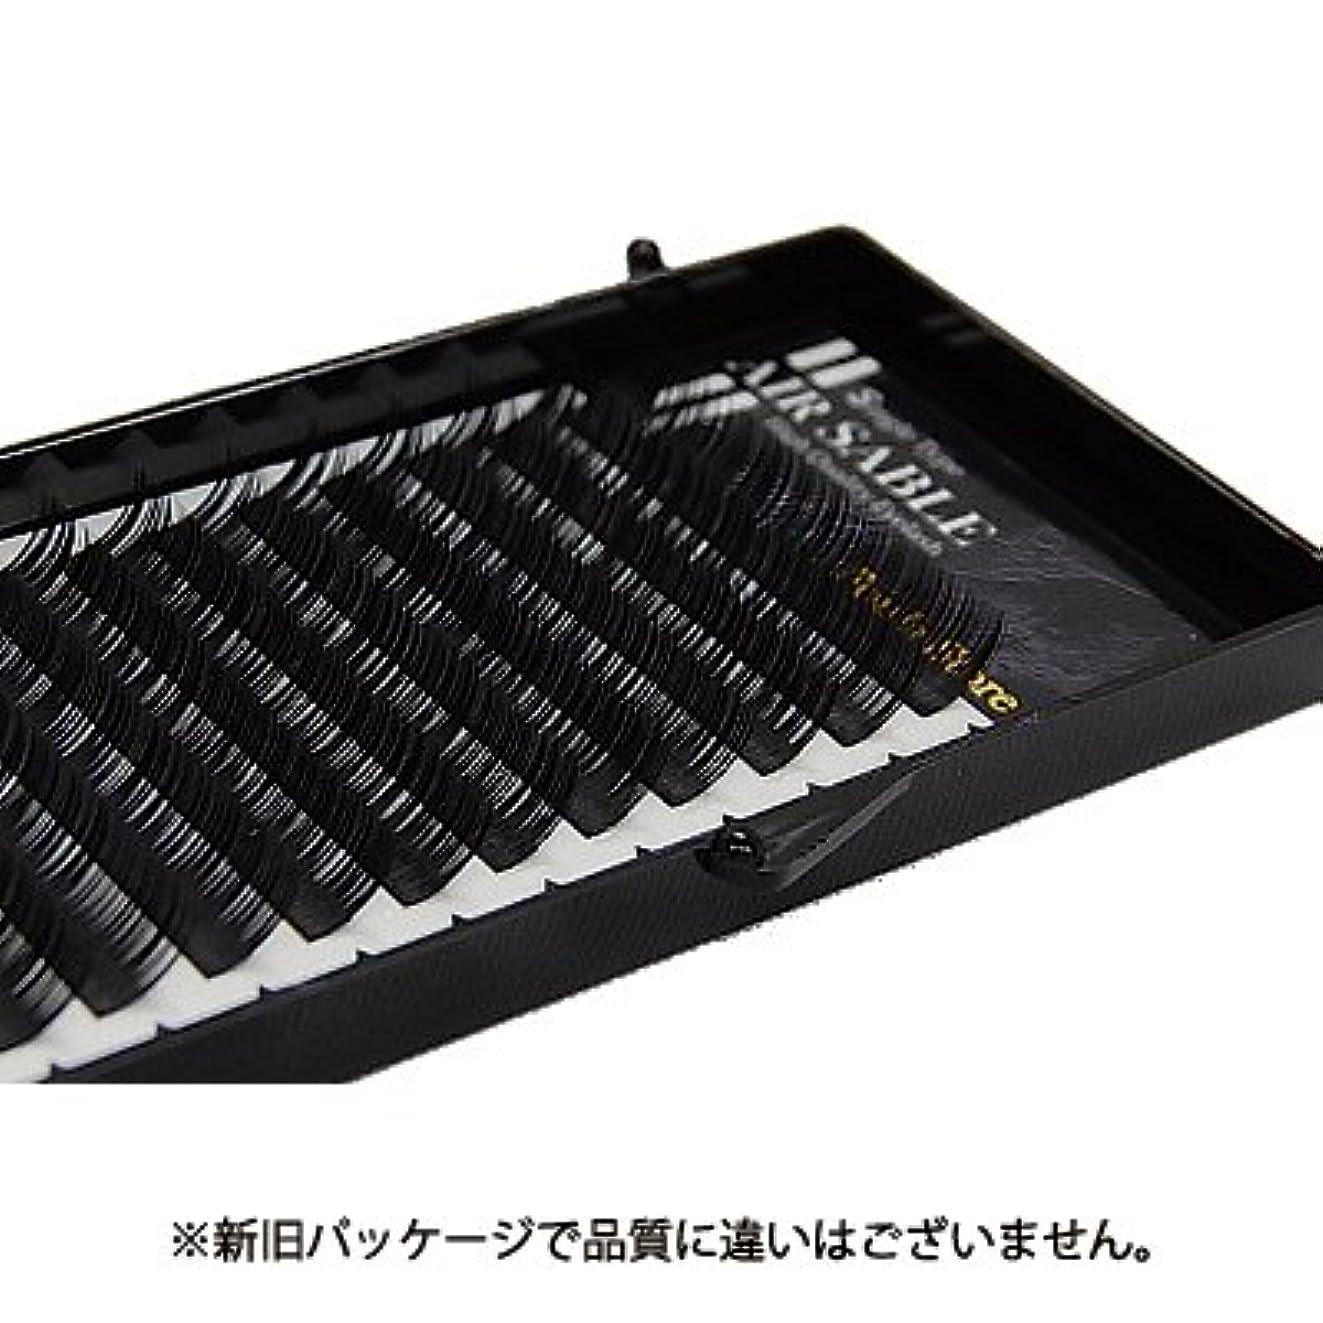 テレビ局作家割る【フーラ】エアーセーブル シート 12列 Cカール 9mm×0.15mm